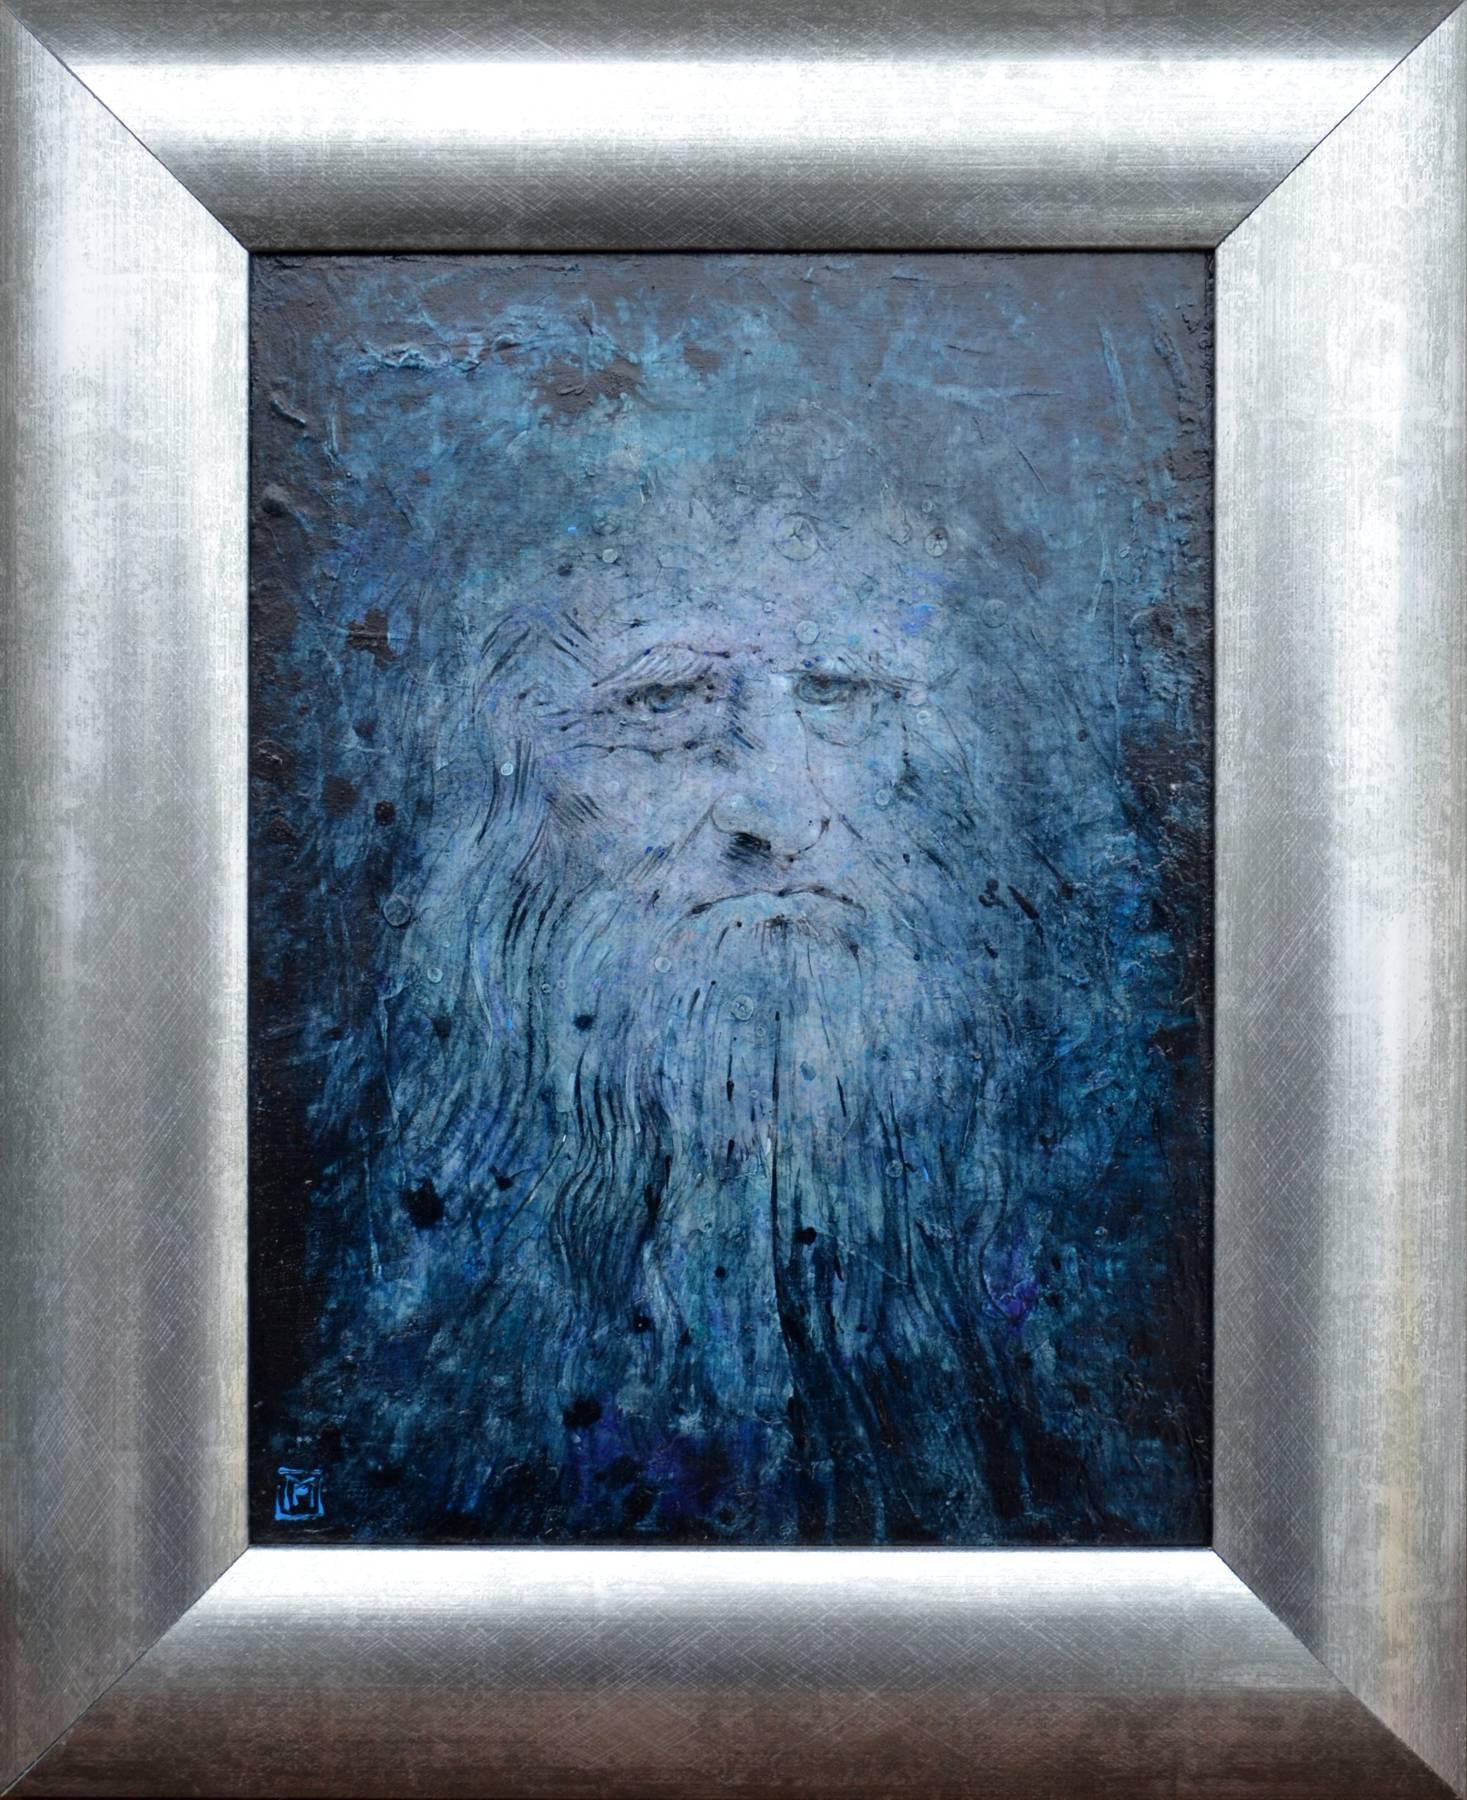 Milan Pučan – Leonardo 2., akryl, ceruza na sololite, 30 x 22 cm, 41 x 33 s rámom